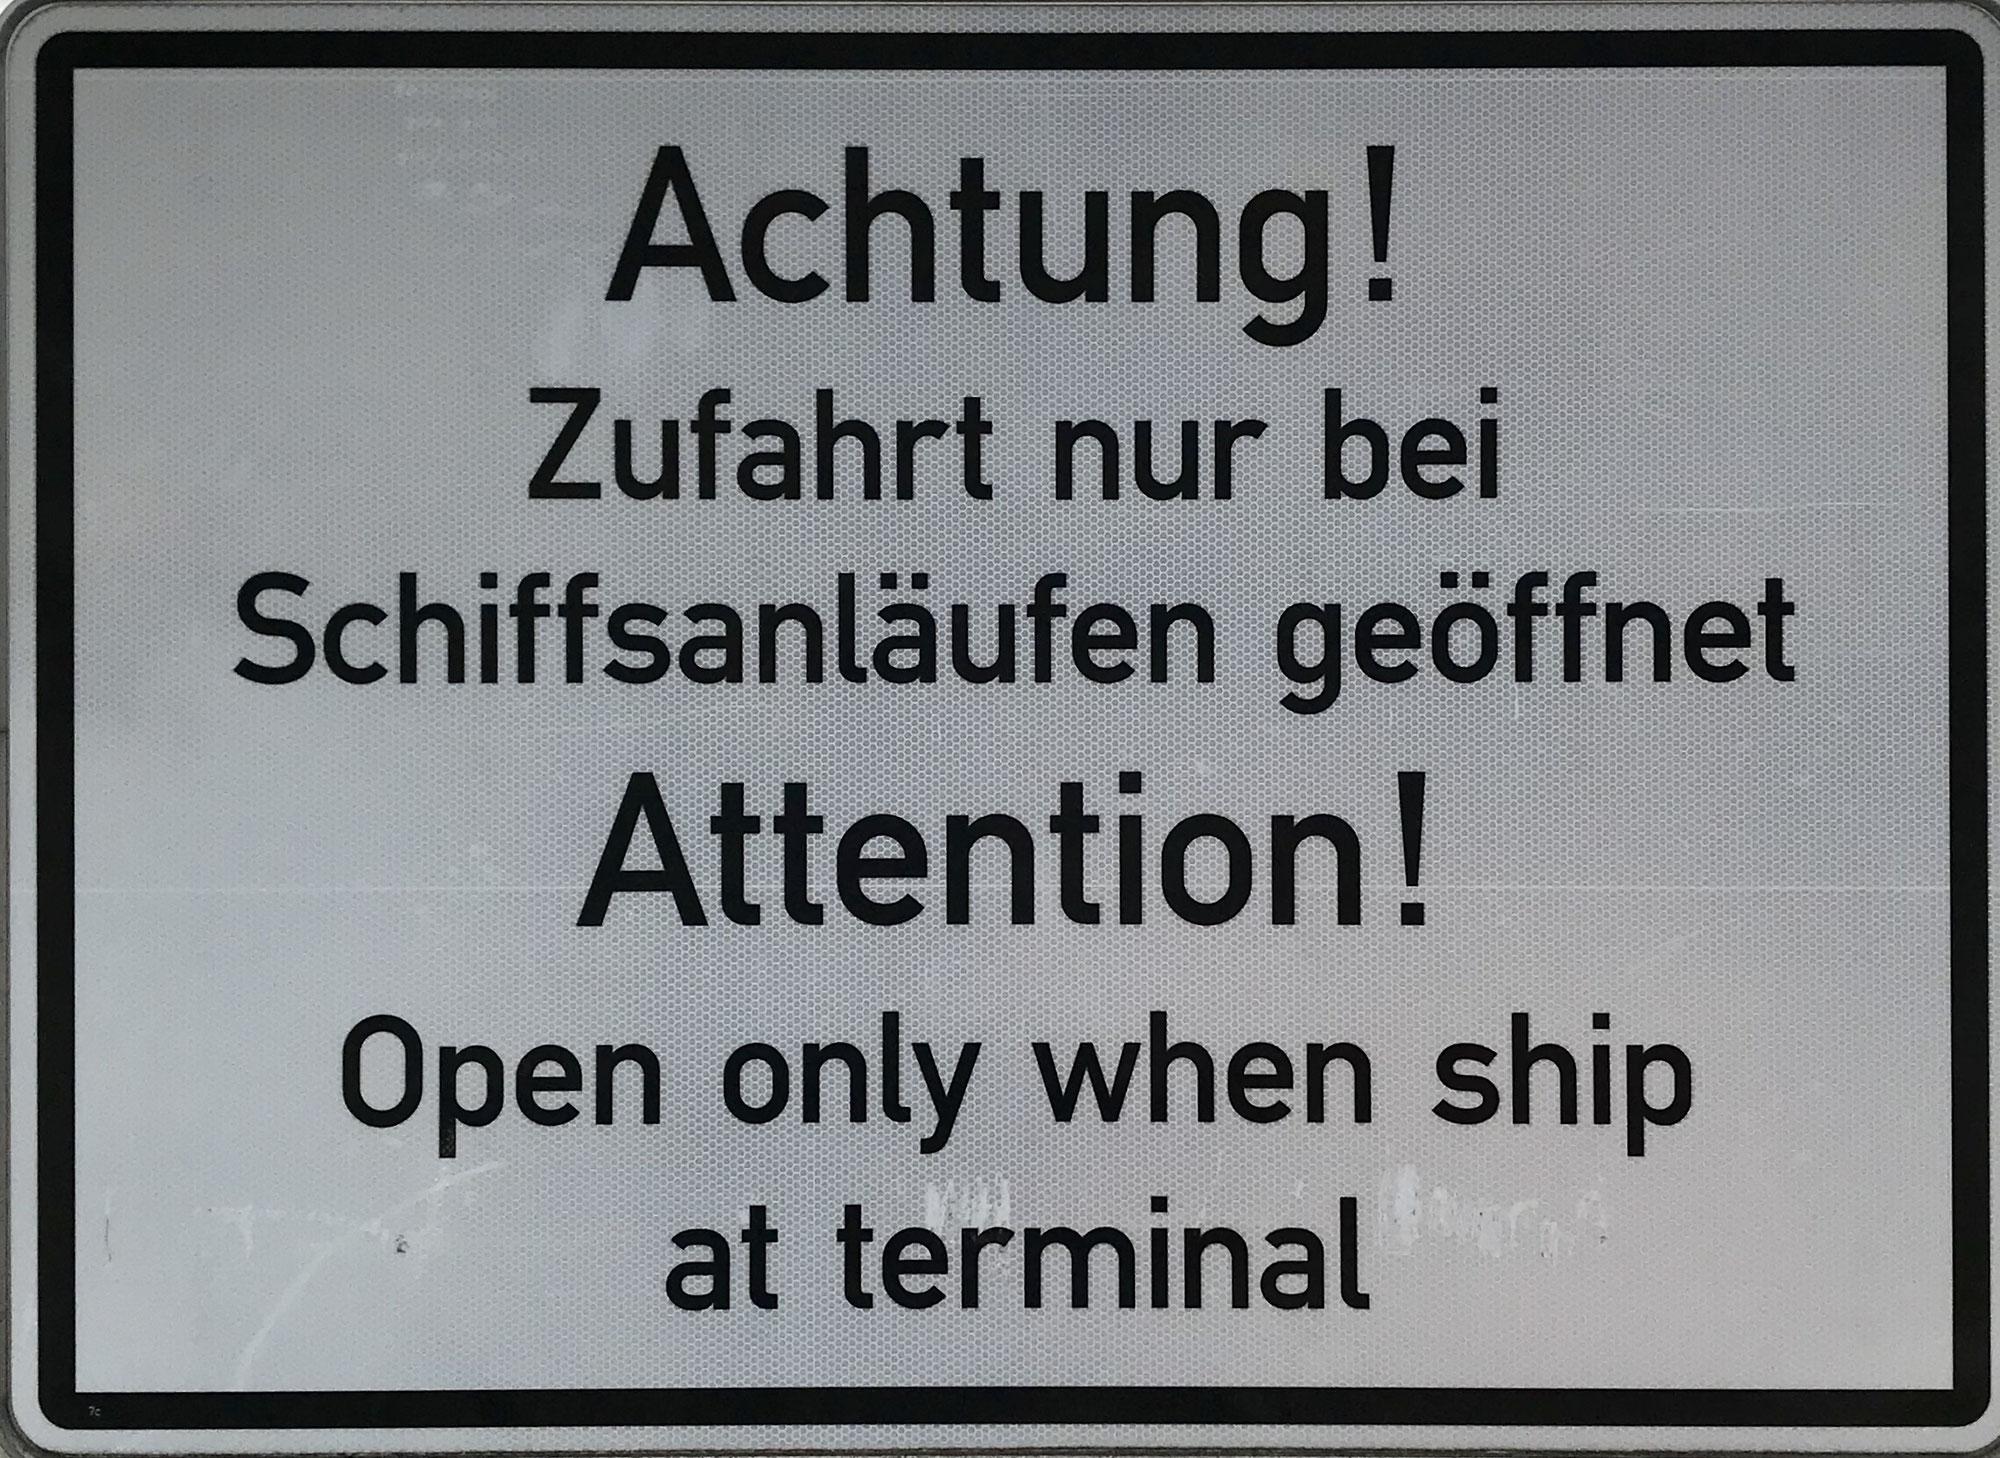 So lange Schiffsnacht !